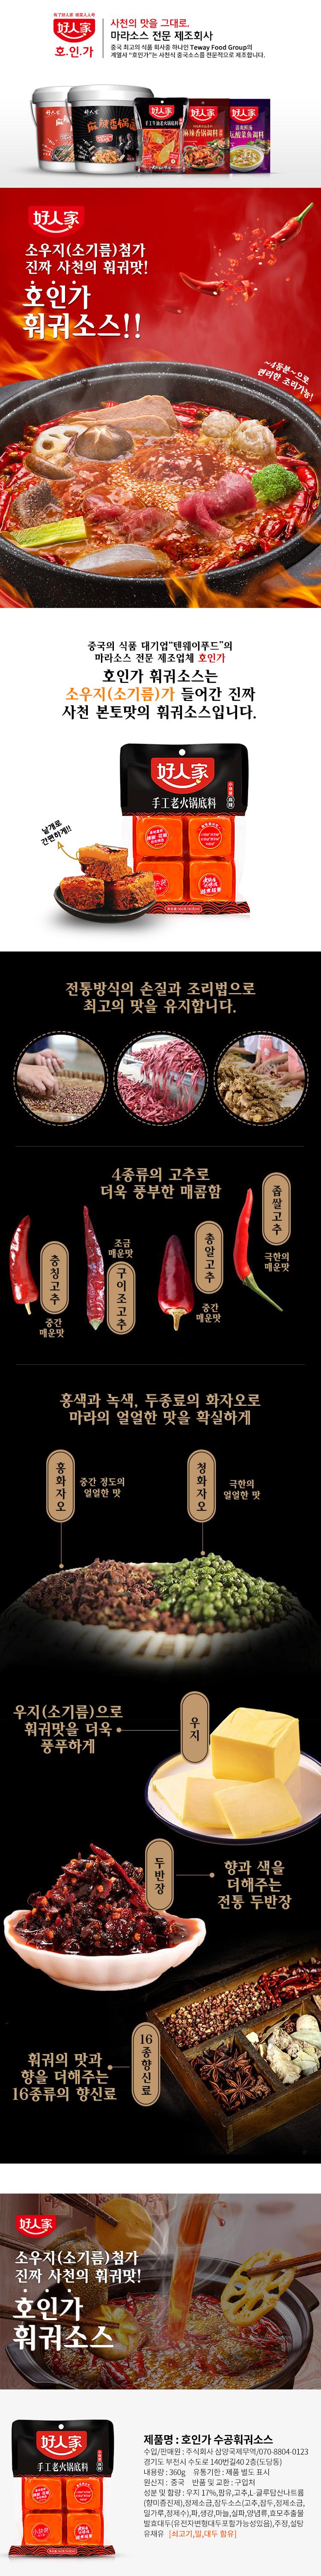 호인가 마라훠궈소스360g 마라탕 훠궈소스 - 훠궈먹는날, 5,200원, 소스, 소스